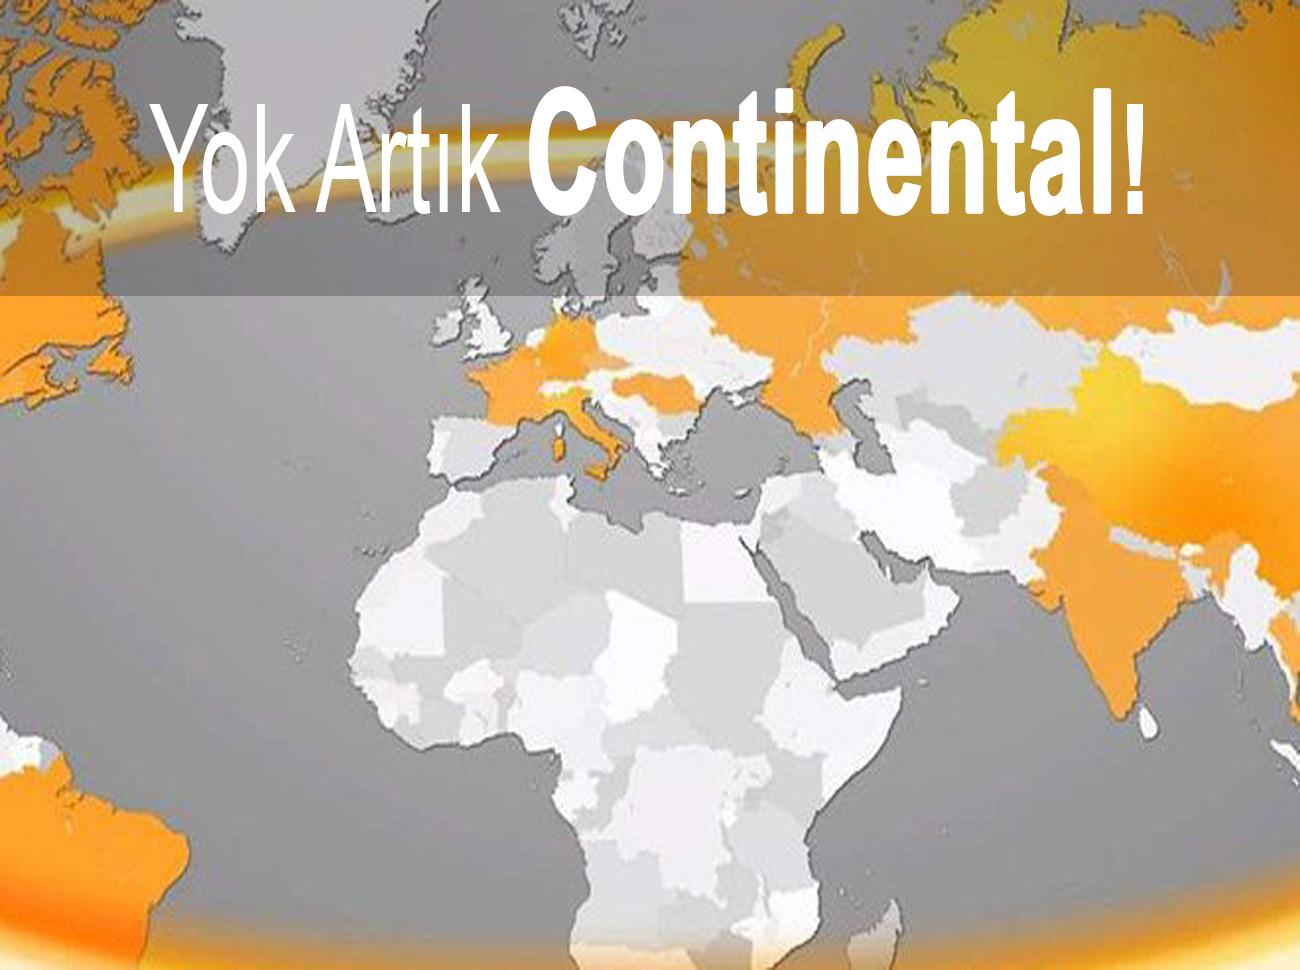 Yok Artık Continental! Ünlü Lastik Markası Türkiye'yi Haritadan Sildi